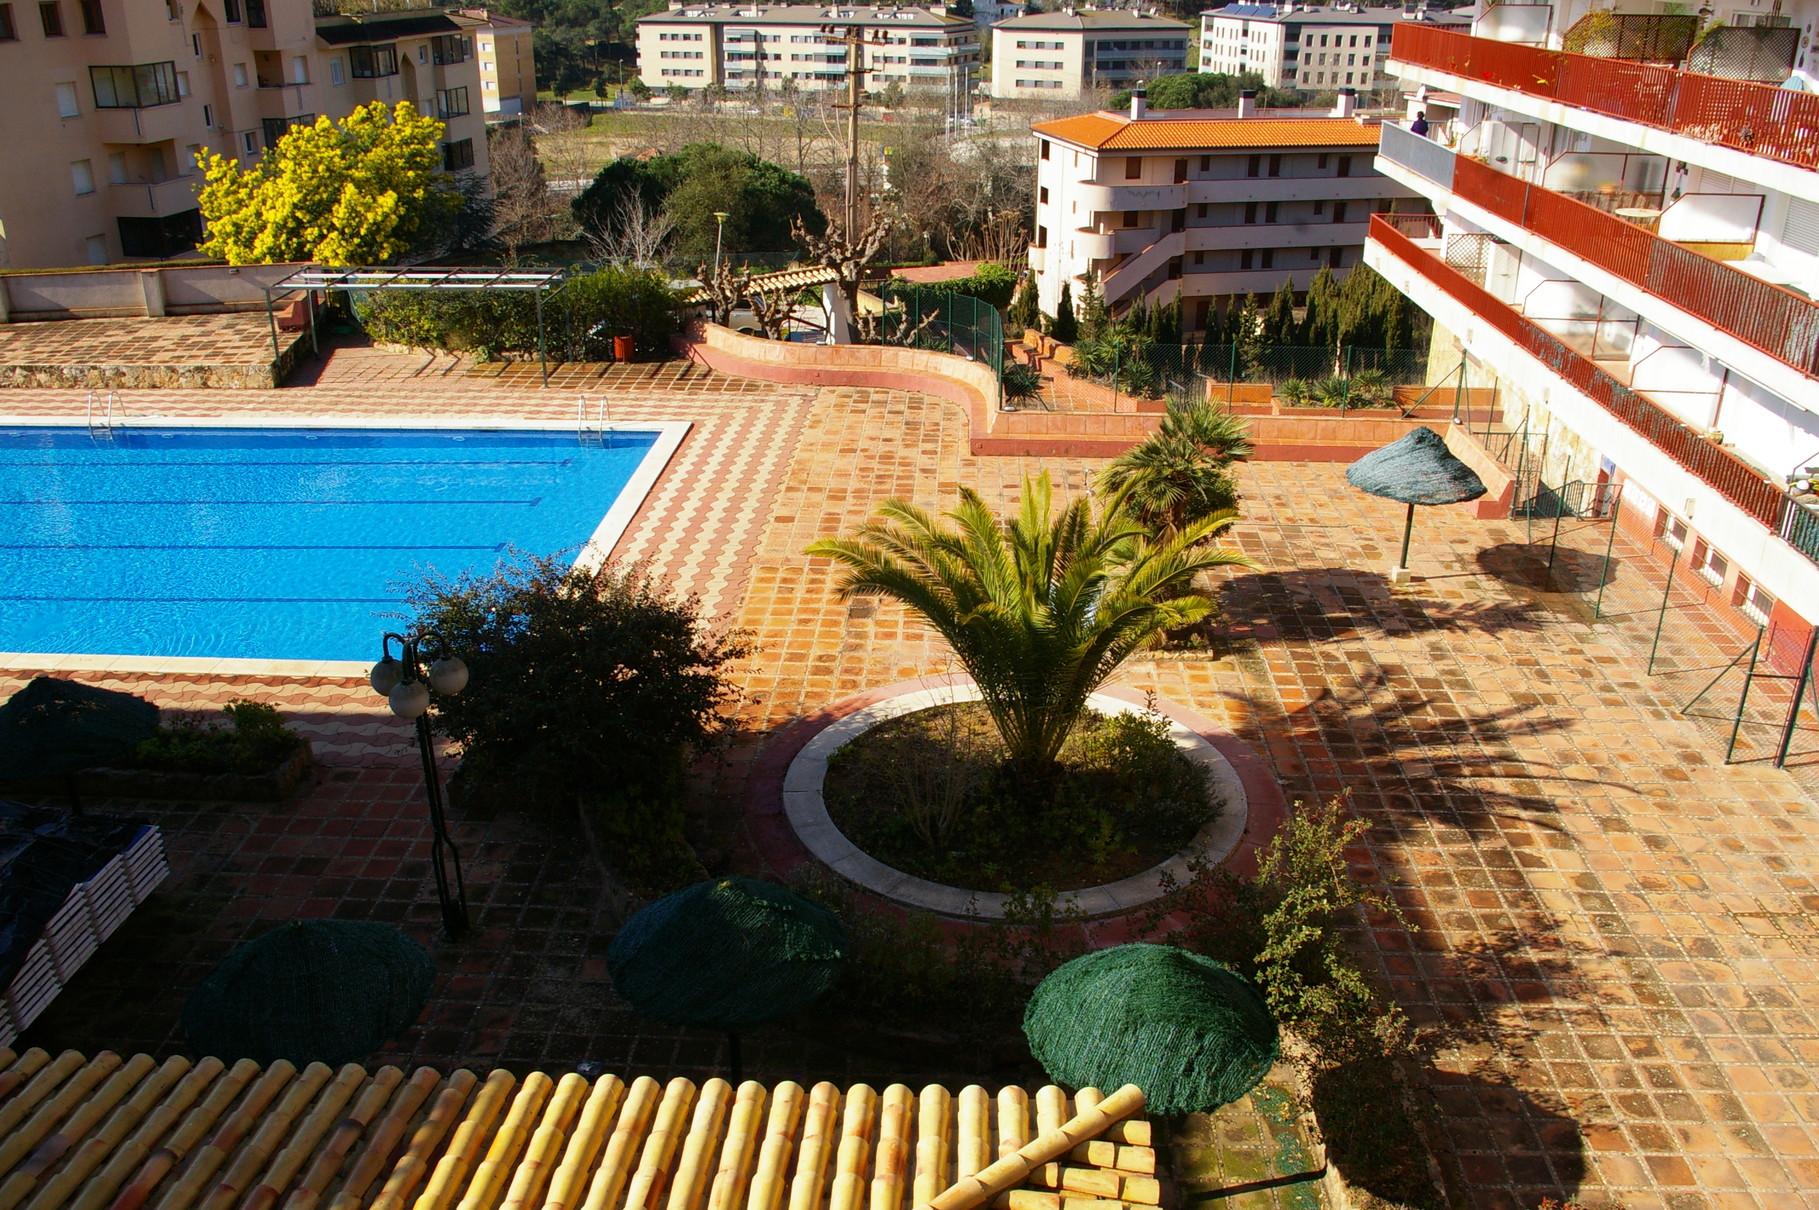 Terraza con vistas a la piscina